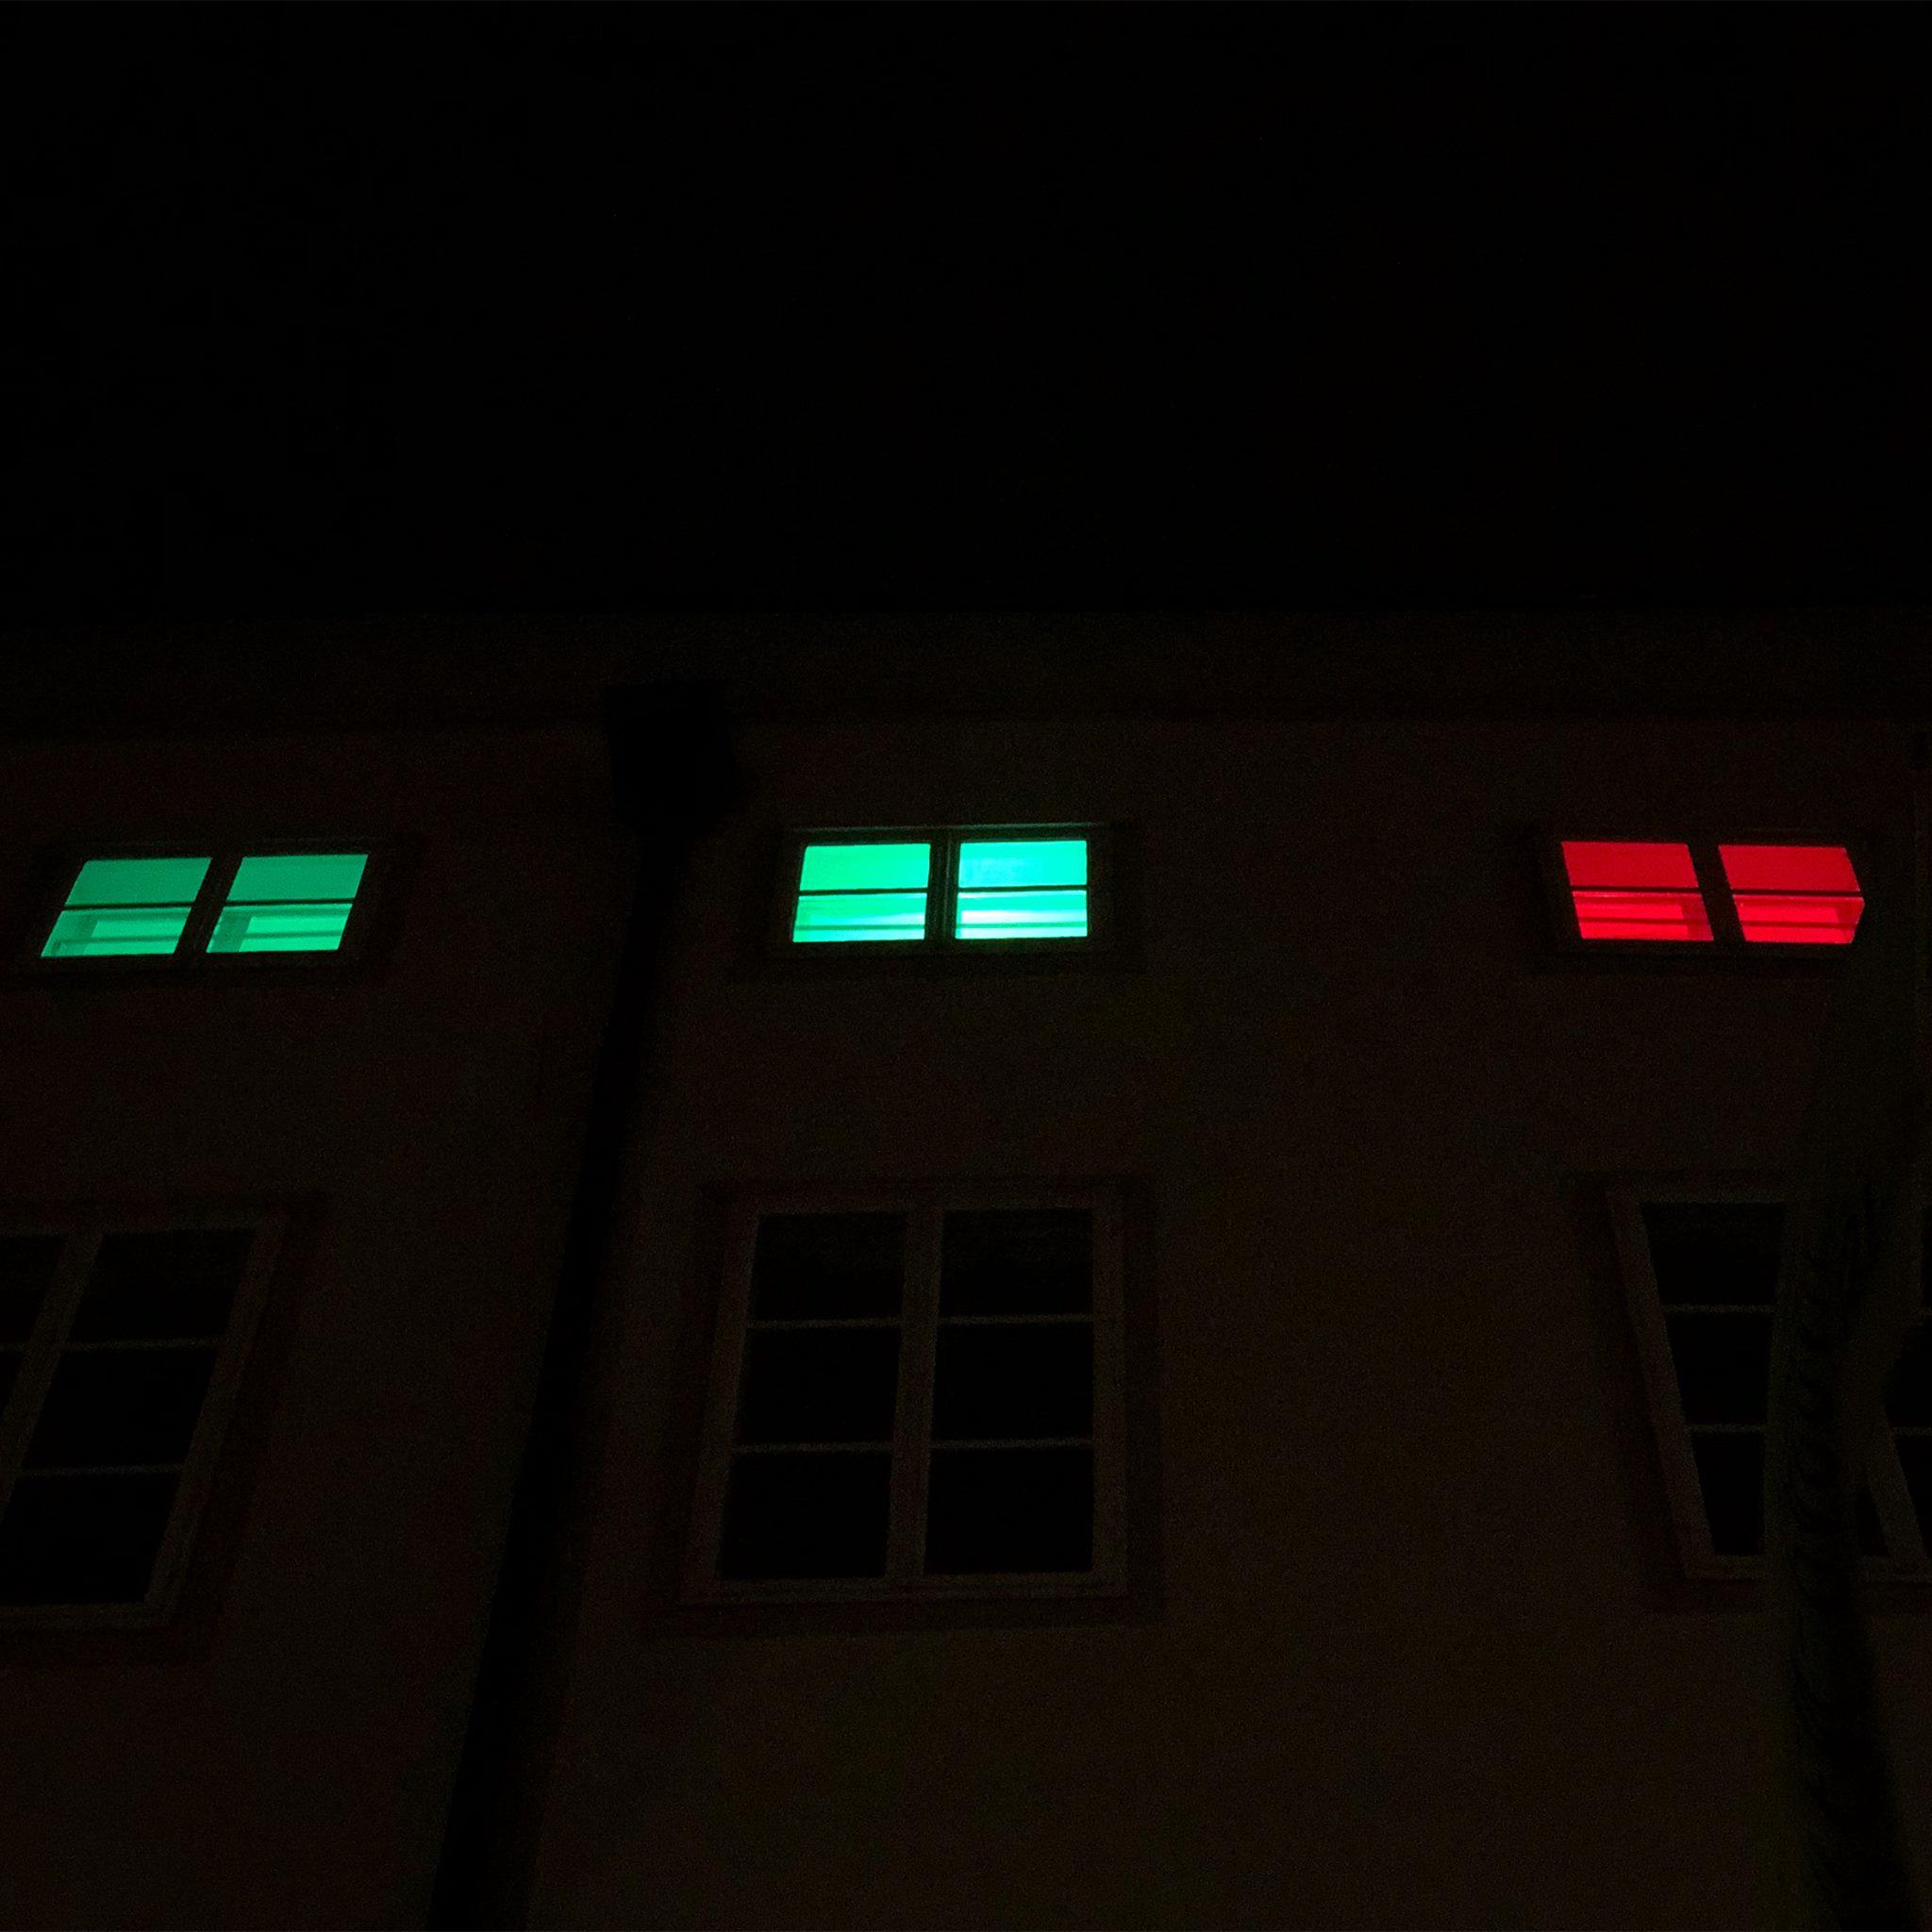 MMK Passau 2019